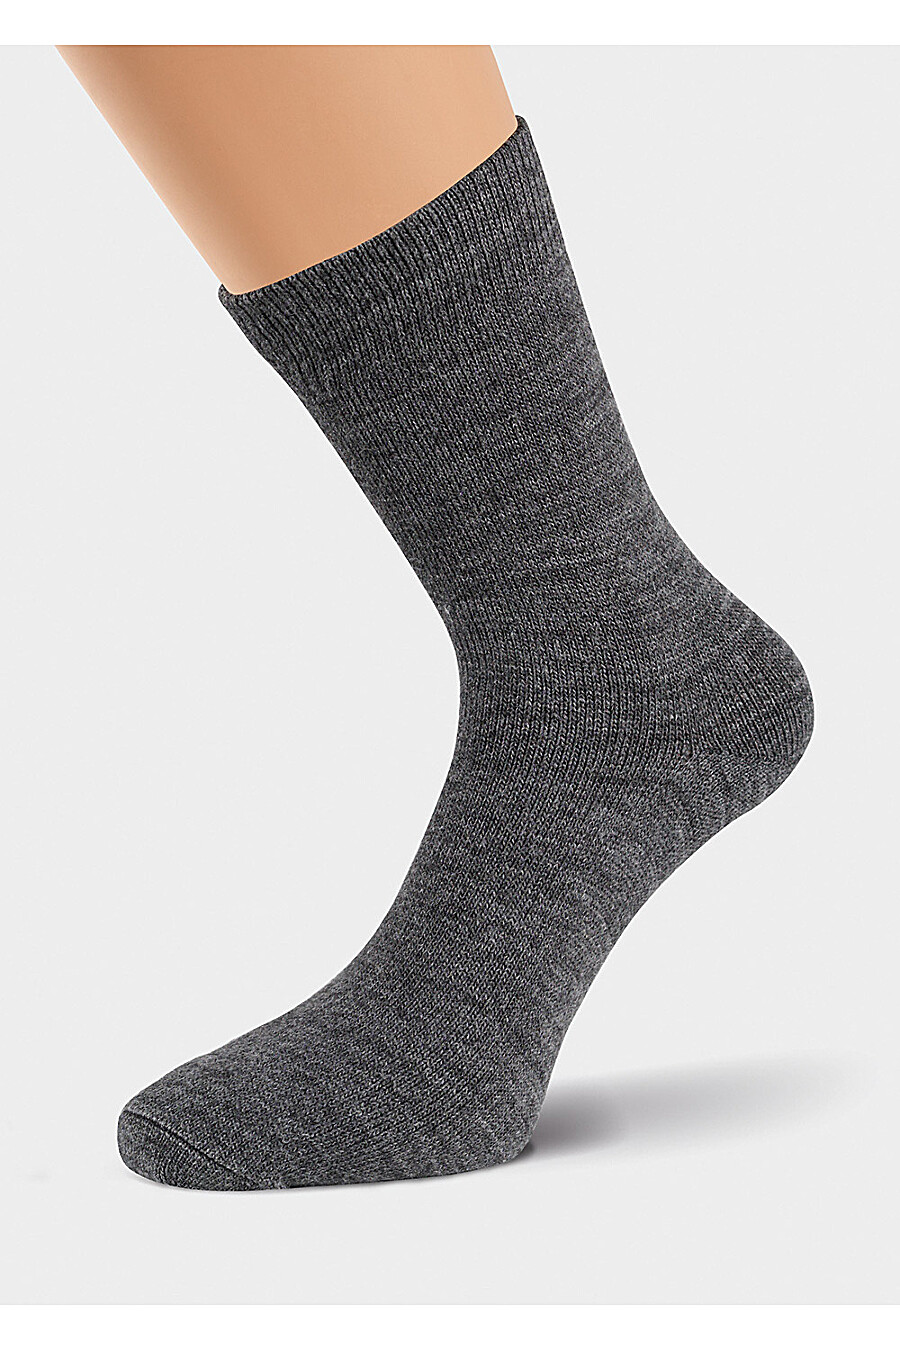 Носки для мужчин CLEVER 175781 купить оптом от производителя. Совместная покупка мужской одежды в OptMoyo